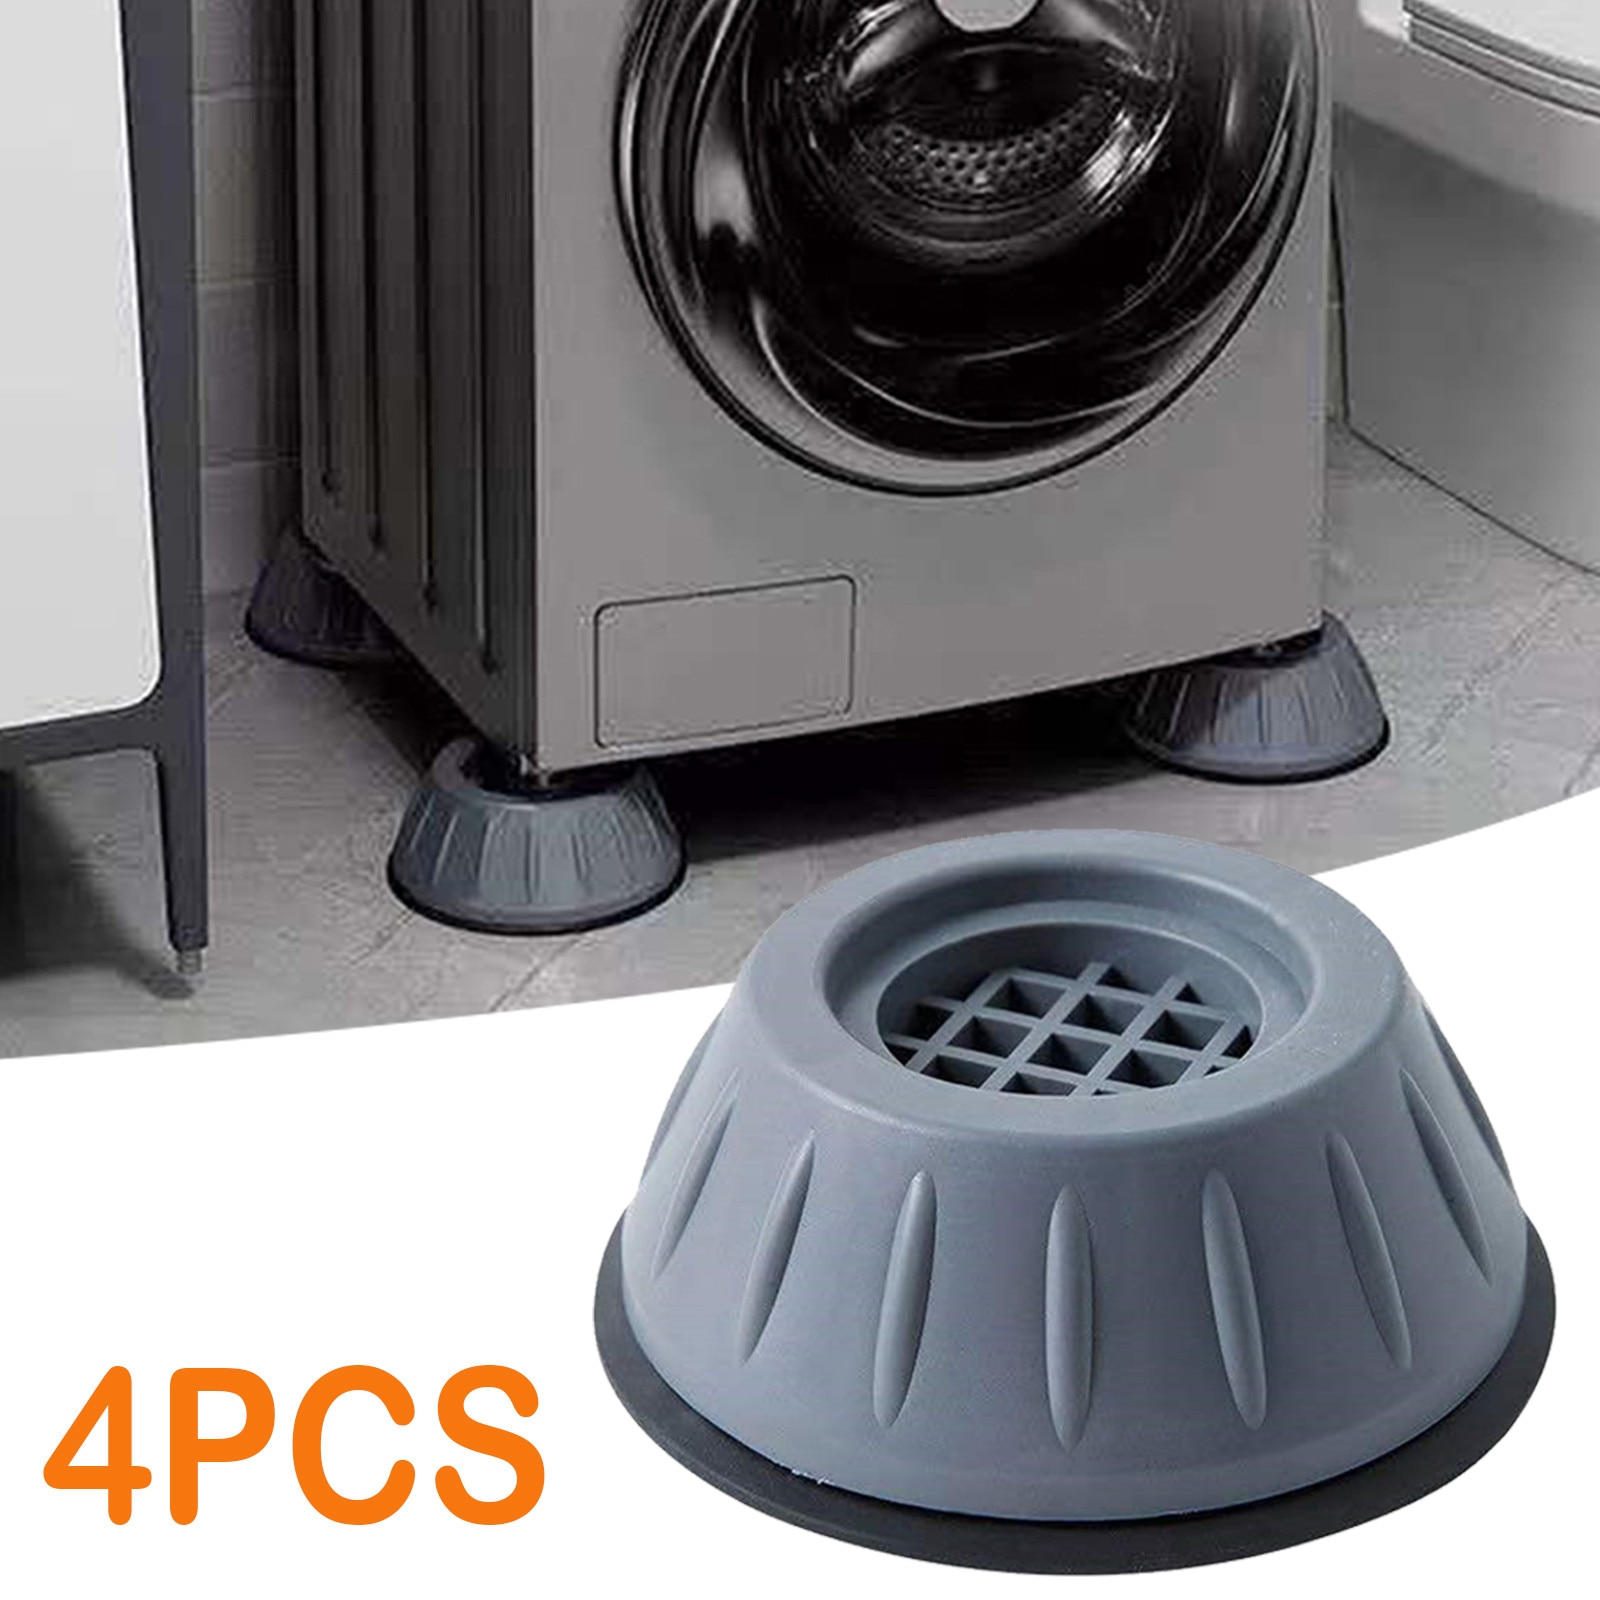 almohadillas-universales-antivibracion-para-pies-esterilla-de-goma-para-lavadora-almohadilla-antivibracion-base-de-refrigerador-almohadilla-antideslizante-fija